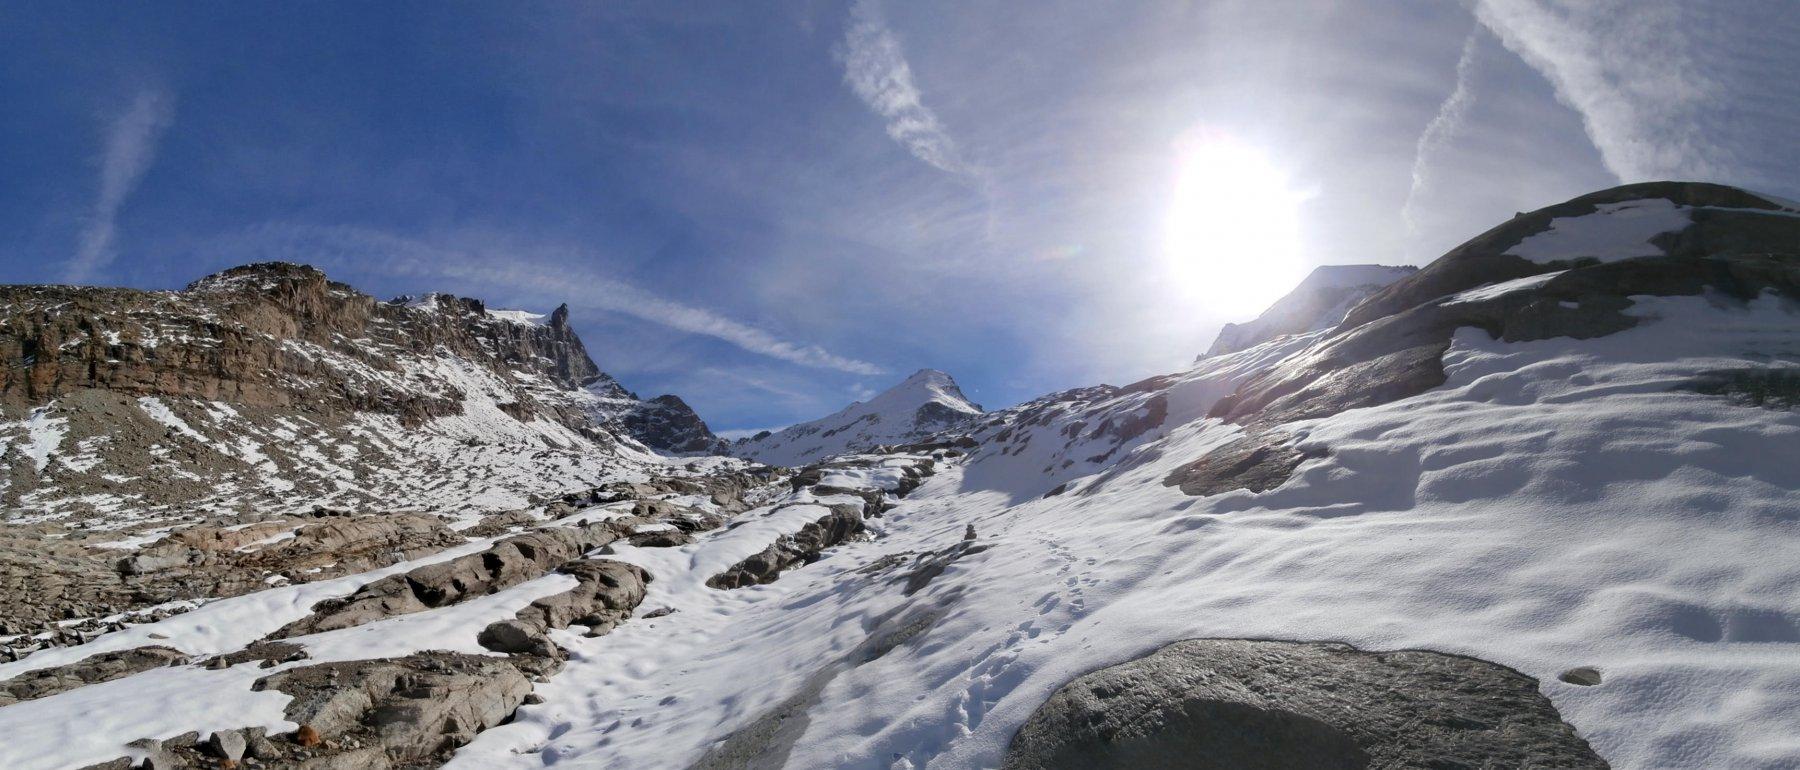 verso la conca glaciale in vista del Gran Paradiso,Tresenta e Ciarforon..